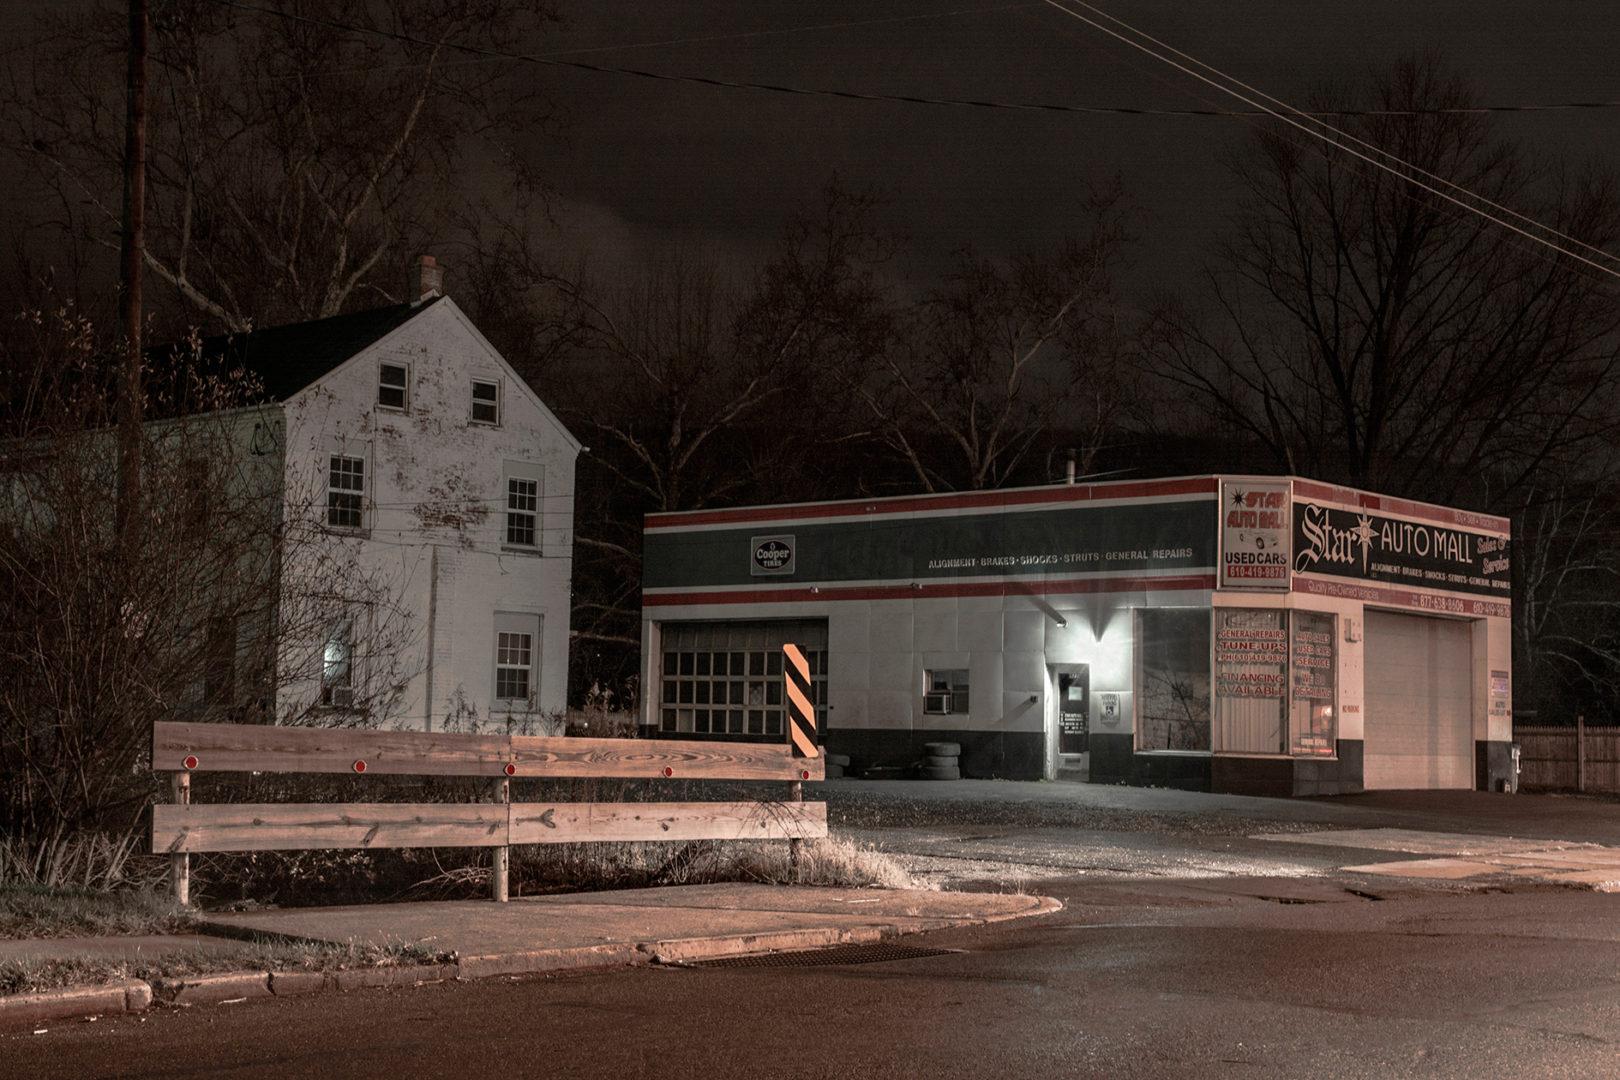 Star Auto repair shop in Freemansburg, Pennsylvania